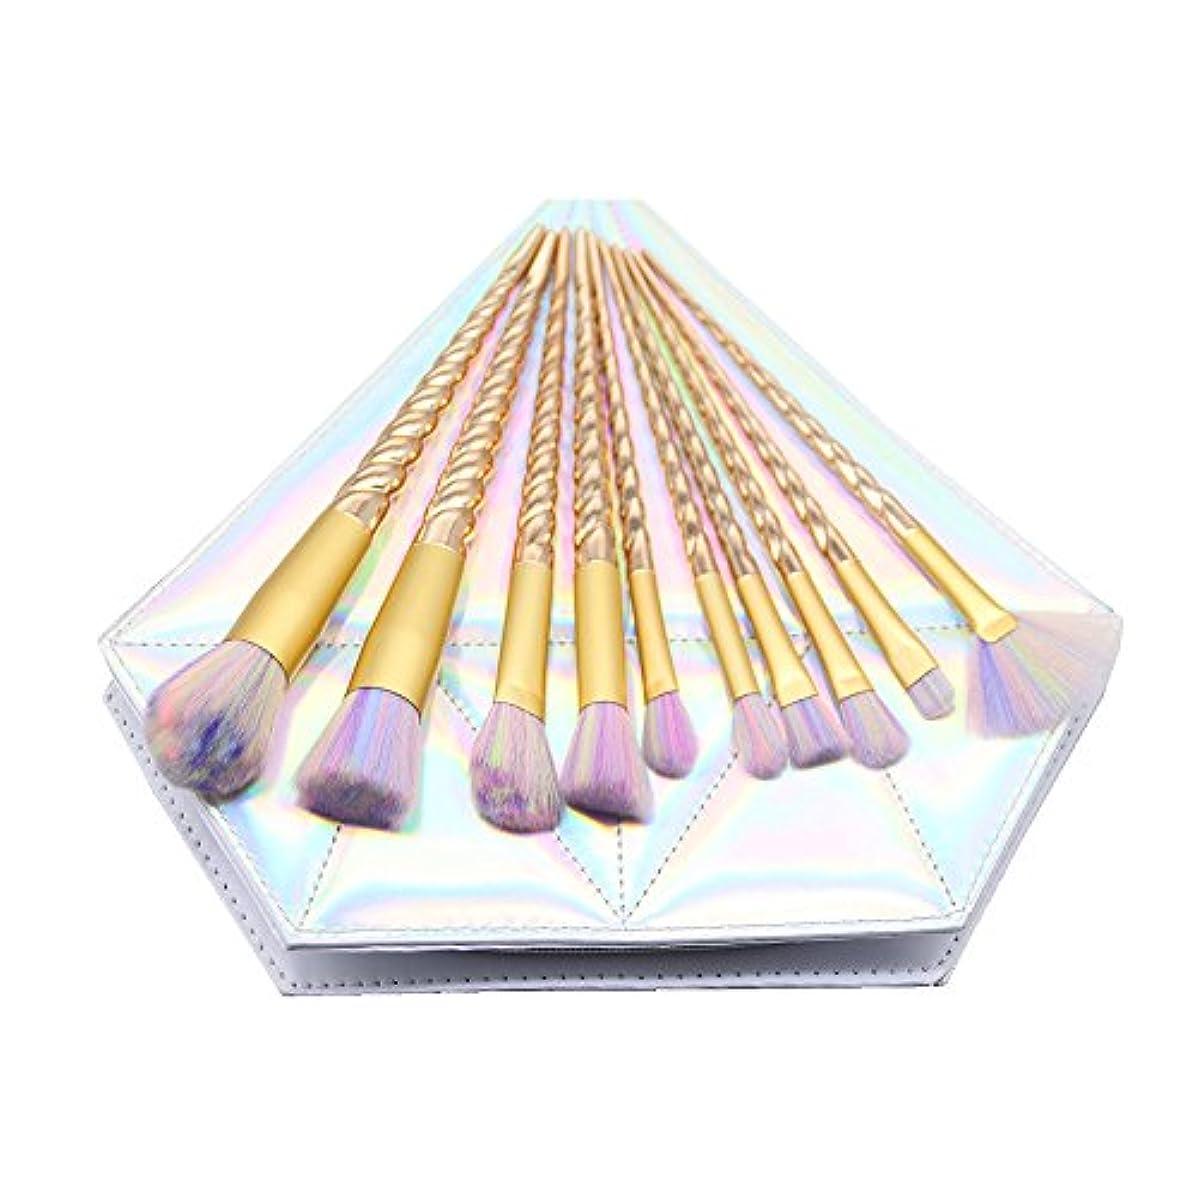 口述バスルーム散歩Dilla Beauty メイクブラシセット 10本セット ユニコーンデザイン プラスチックハンドル 合成毛 ファンデーションブラシ アイシャドーブラッシャー 美容ツール 化粧品のバッグ付き